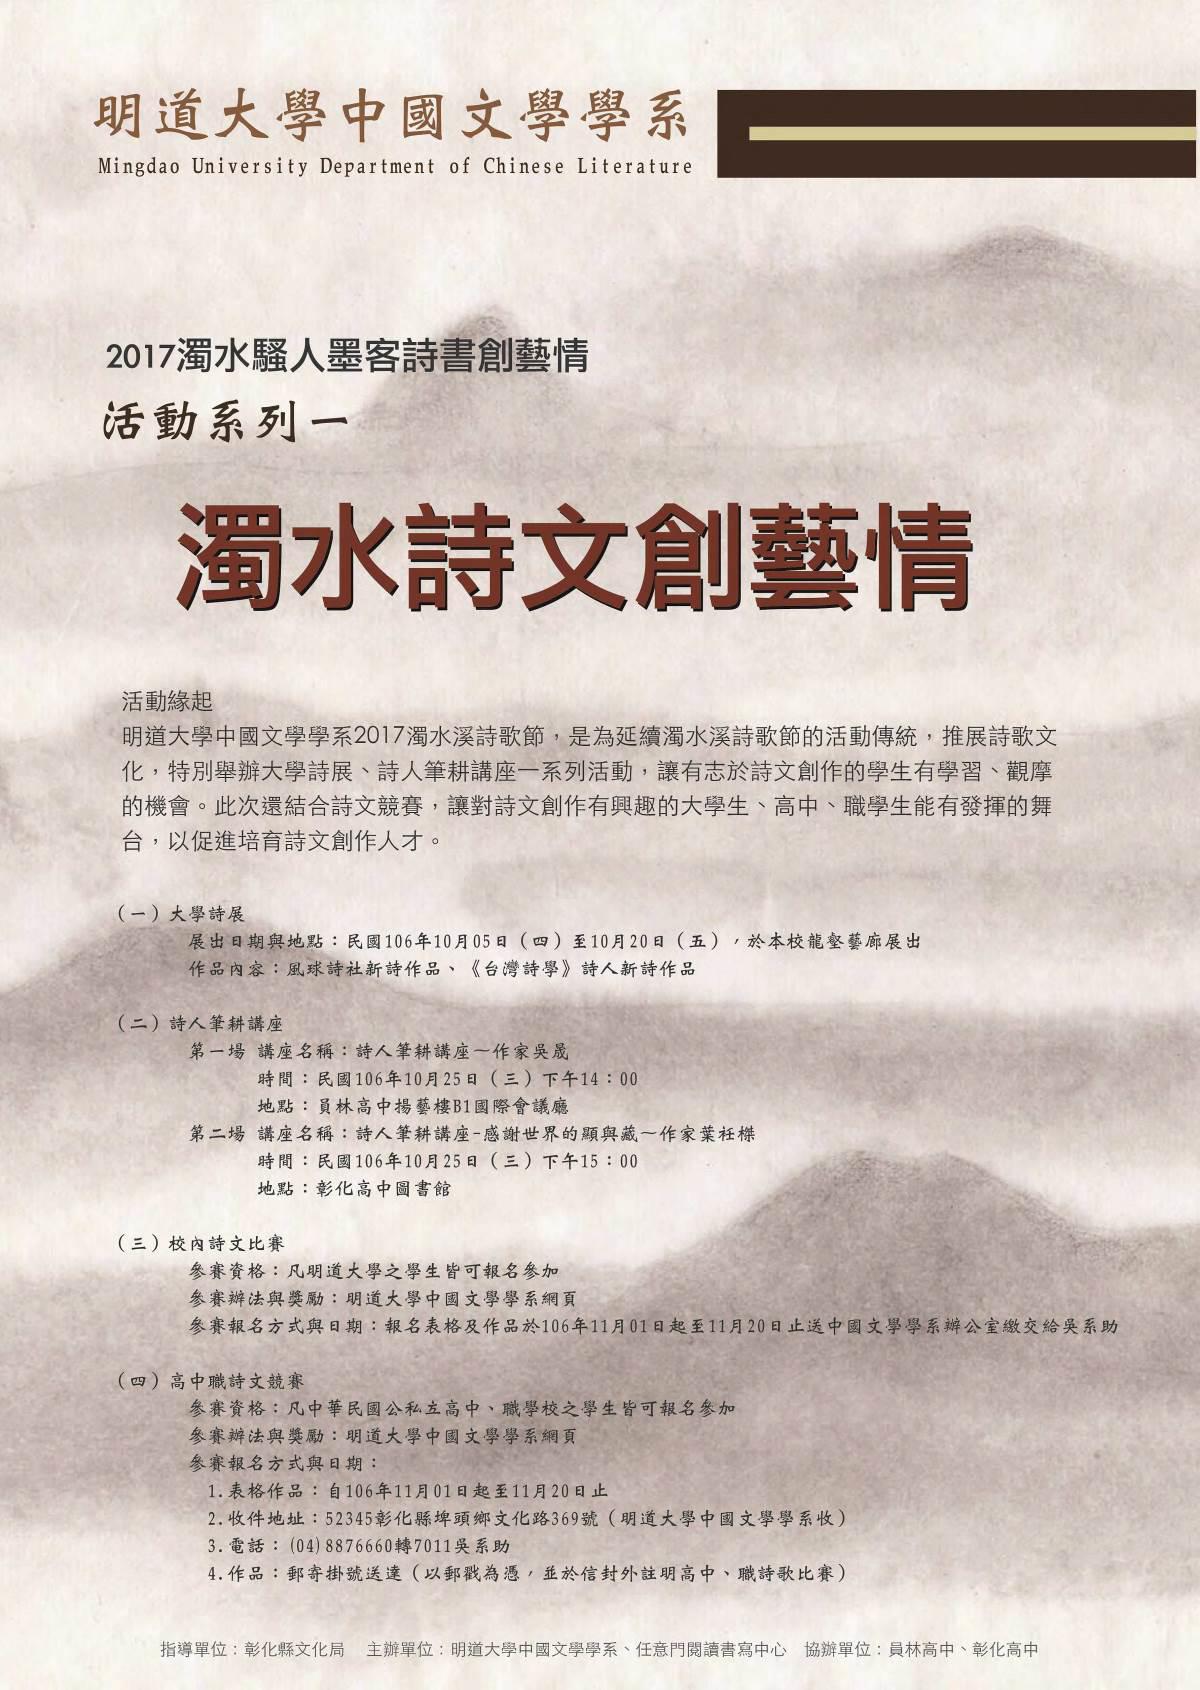 【2017濁水騷人墨客詩書創藝情】濁水詩文創藝情.高中職詩文競賽